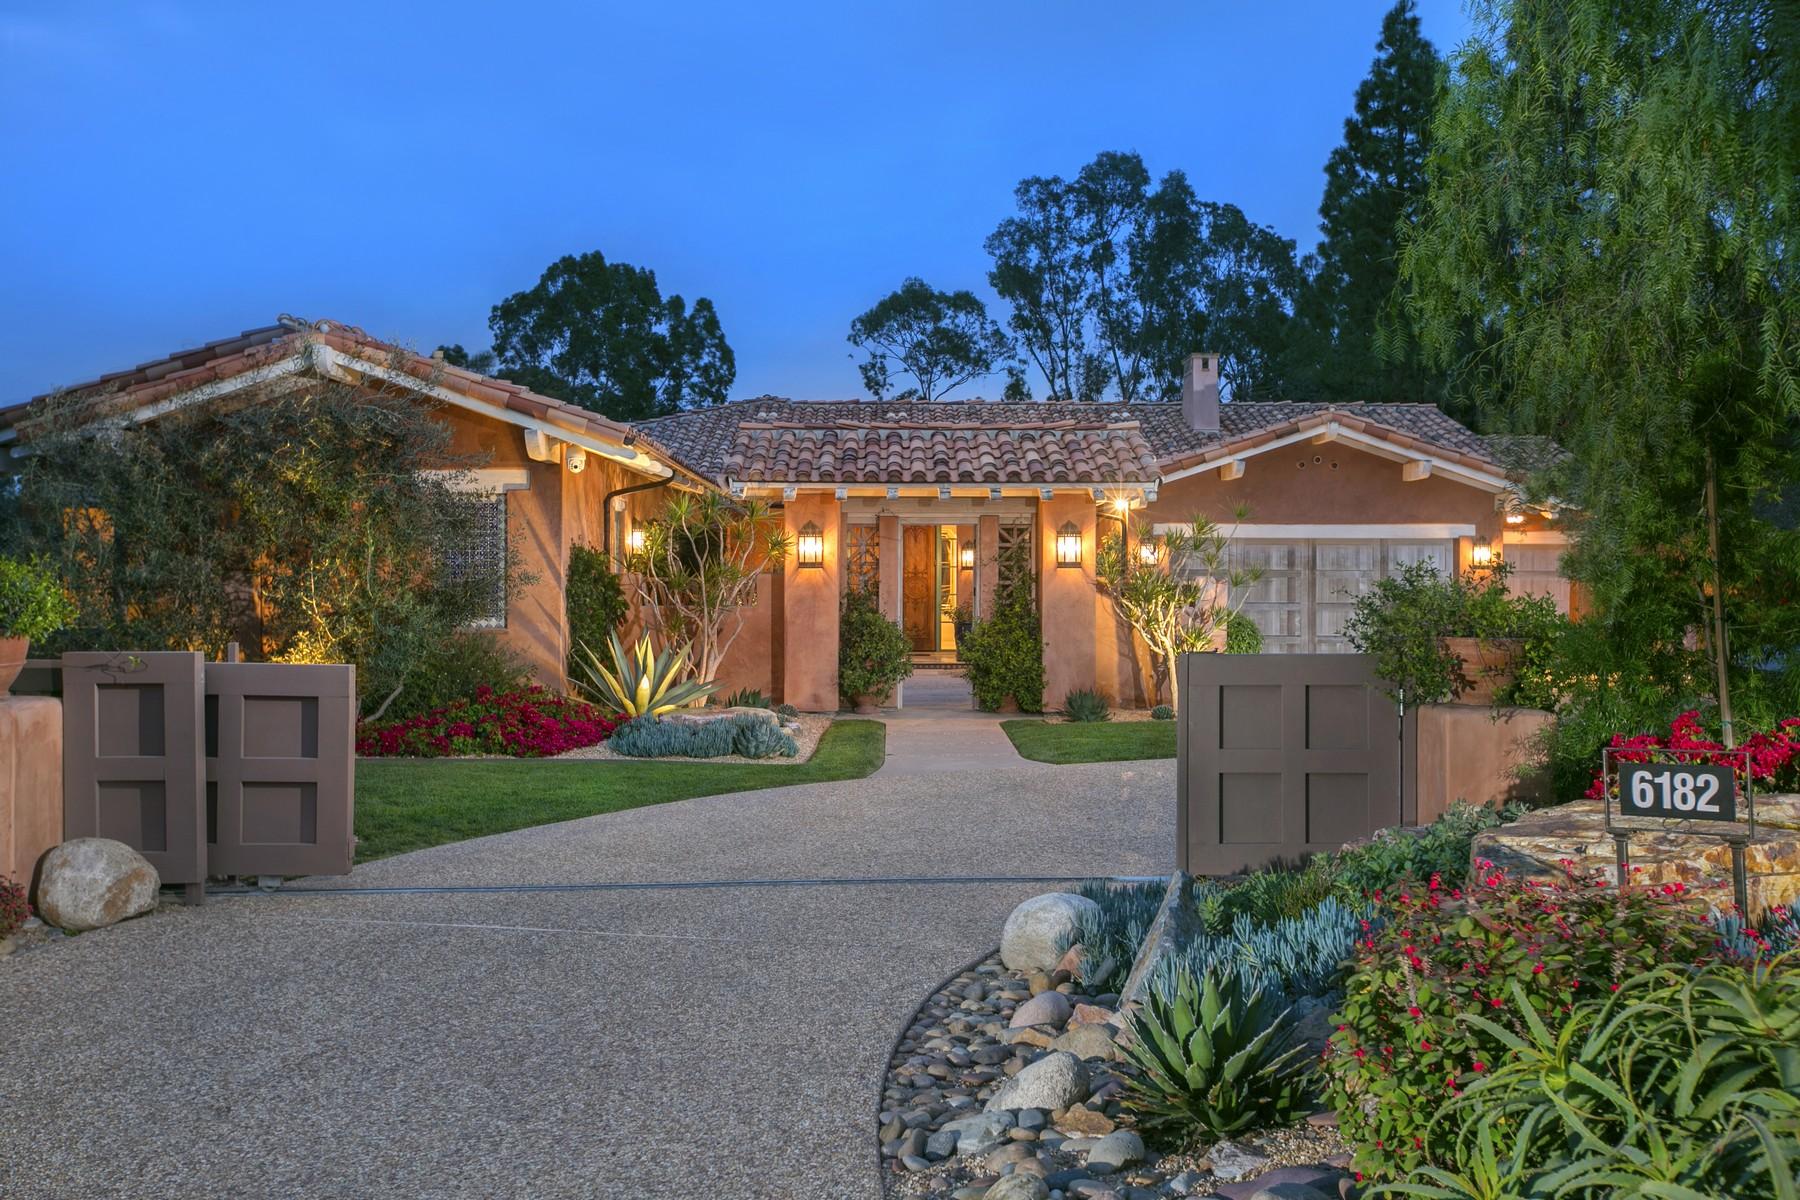 Частный односемейный дом для того Аренда на 6182 Paseo Valencia Rancho Santa Fe, Калифорния 92067 Соединенные Штаты